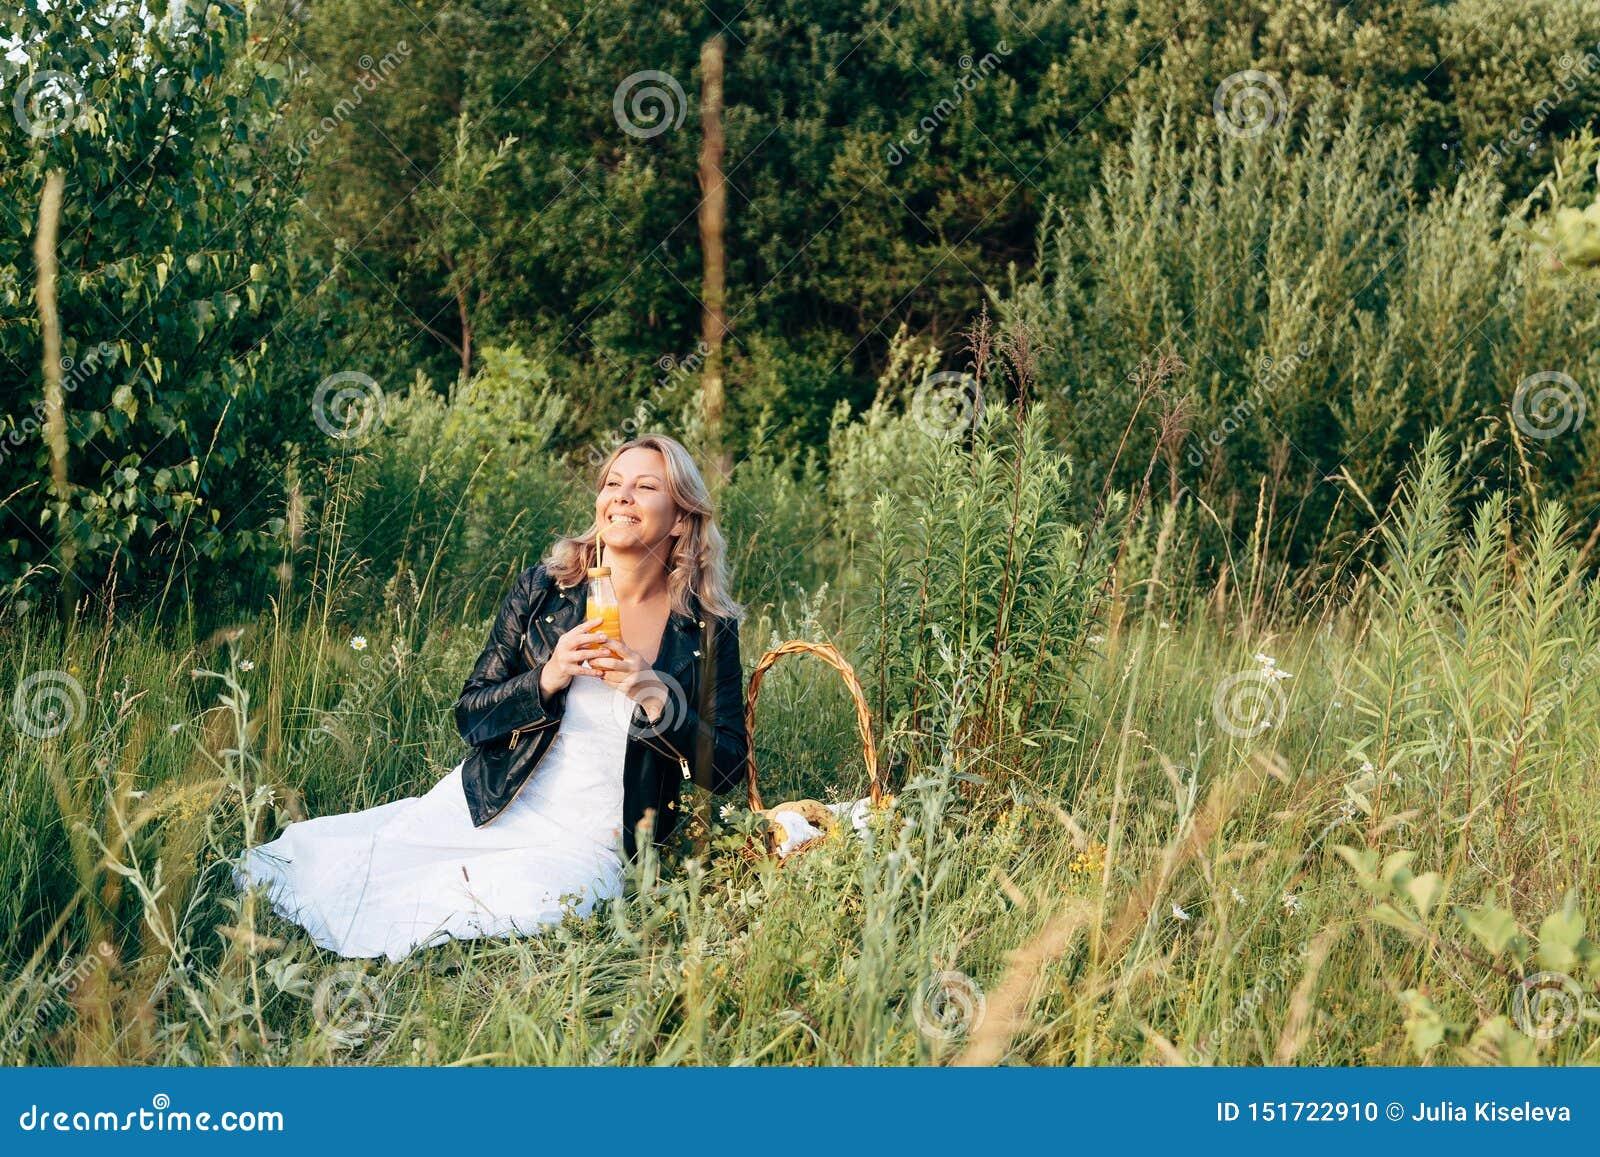 基于一顿野餐的美丽的少女在夏天